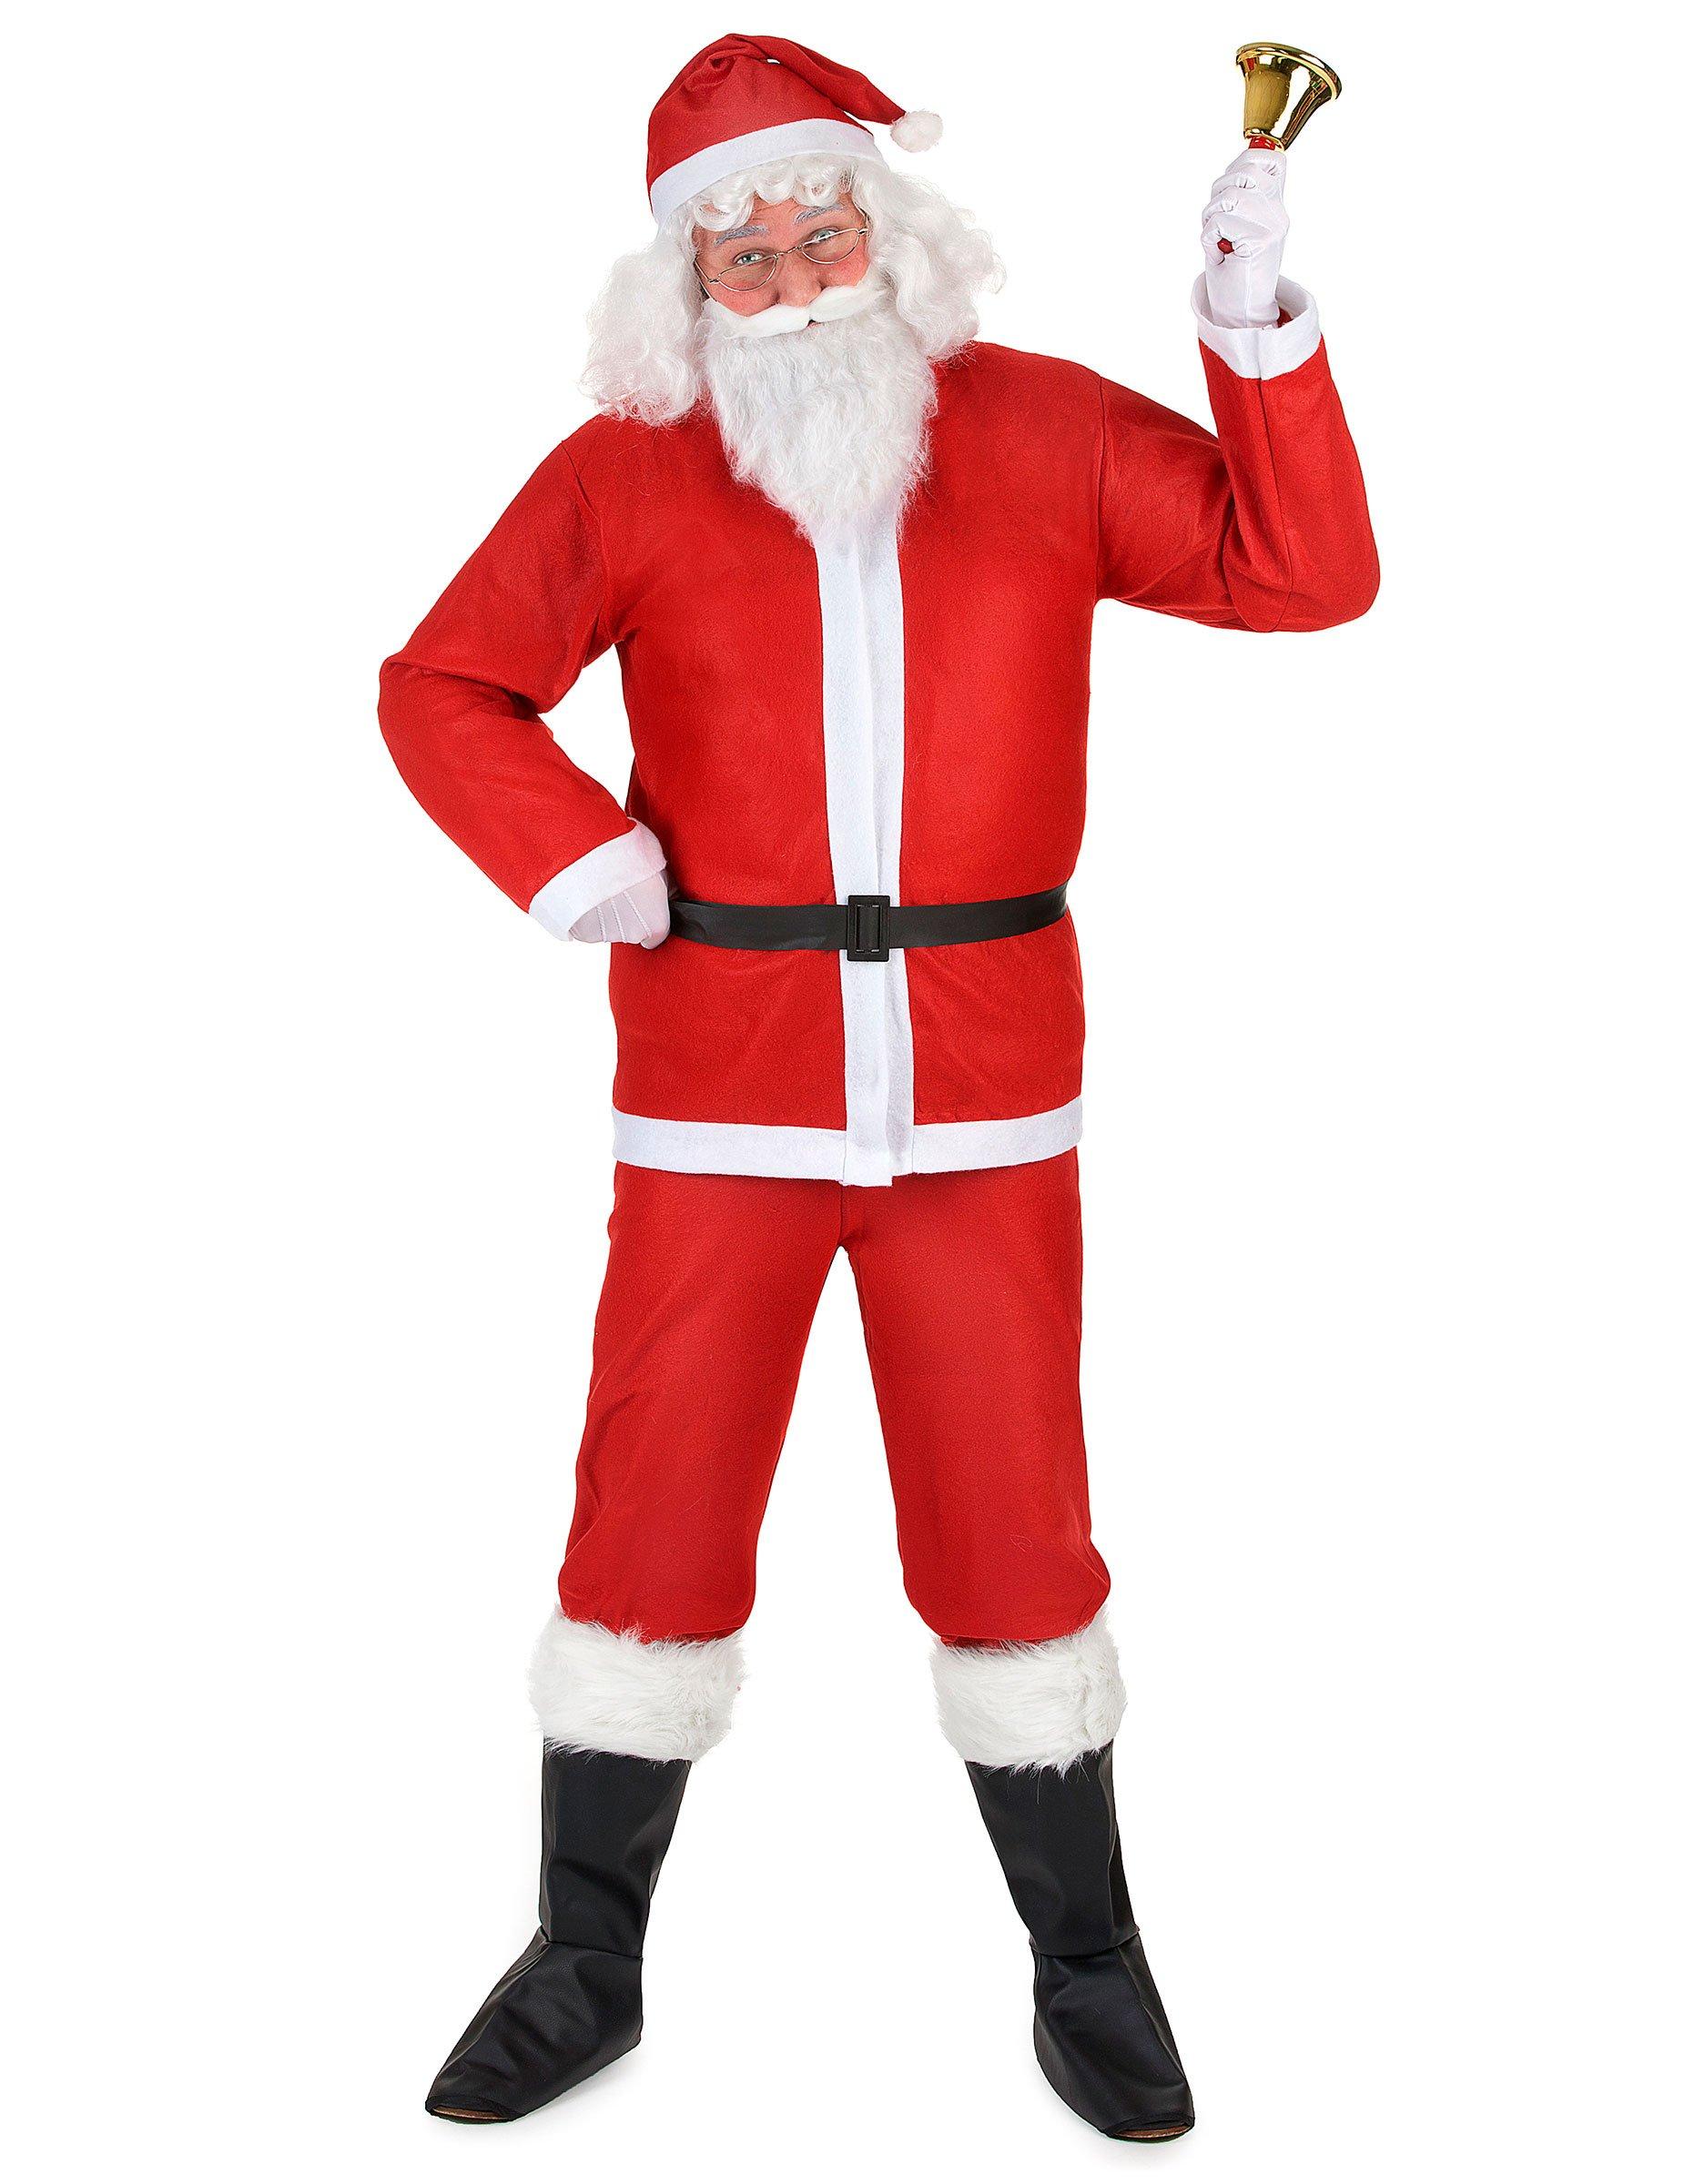 deguisement père noel Déguisement Père Noël adulte : Deguise toi, achat de Déguisements  deguisement père noel